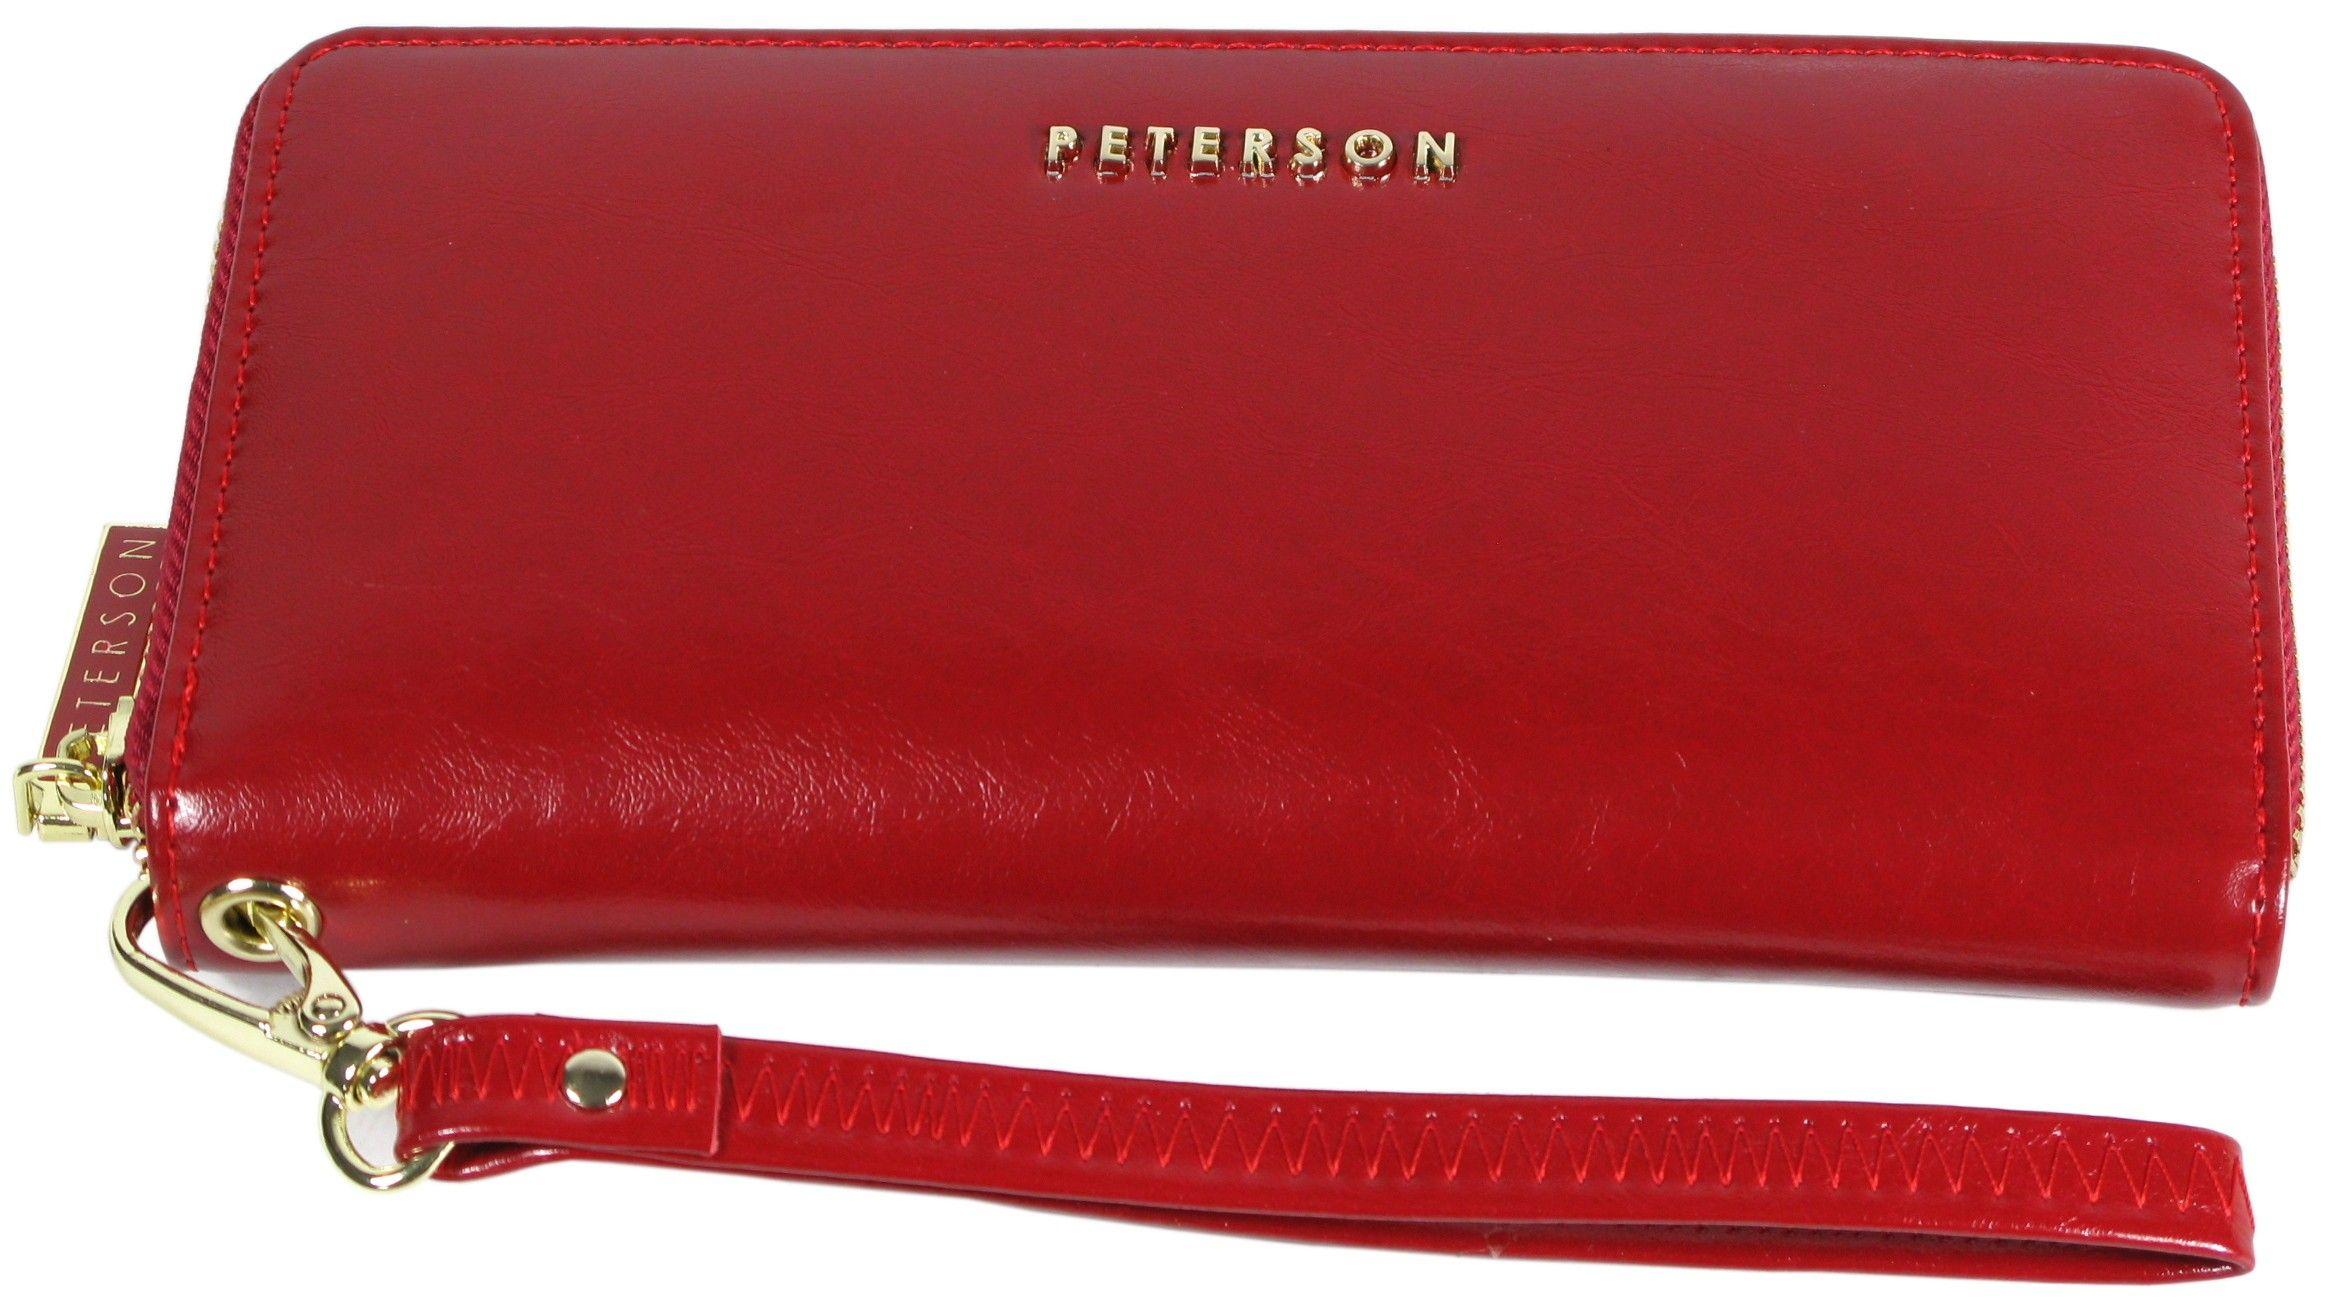 7c7d78ffa453b ... portfel damski skórzany allegro czerwony peterson lakierowany